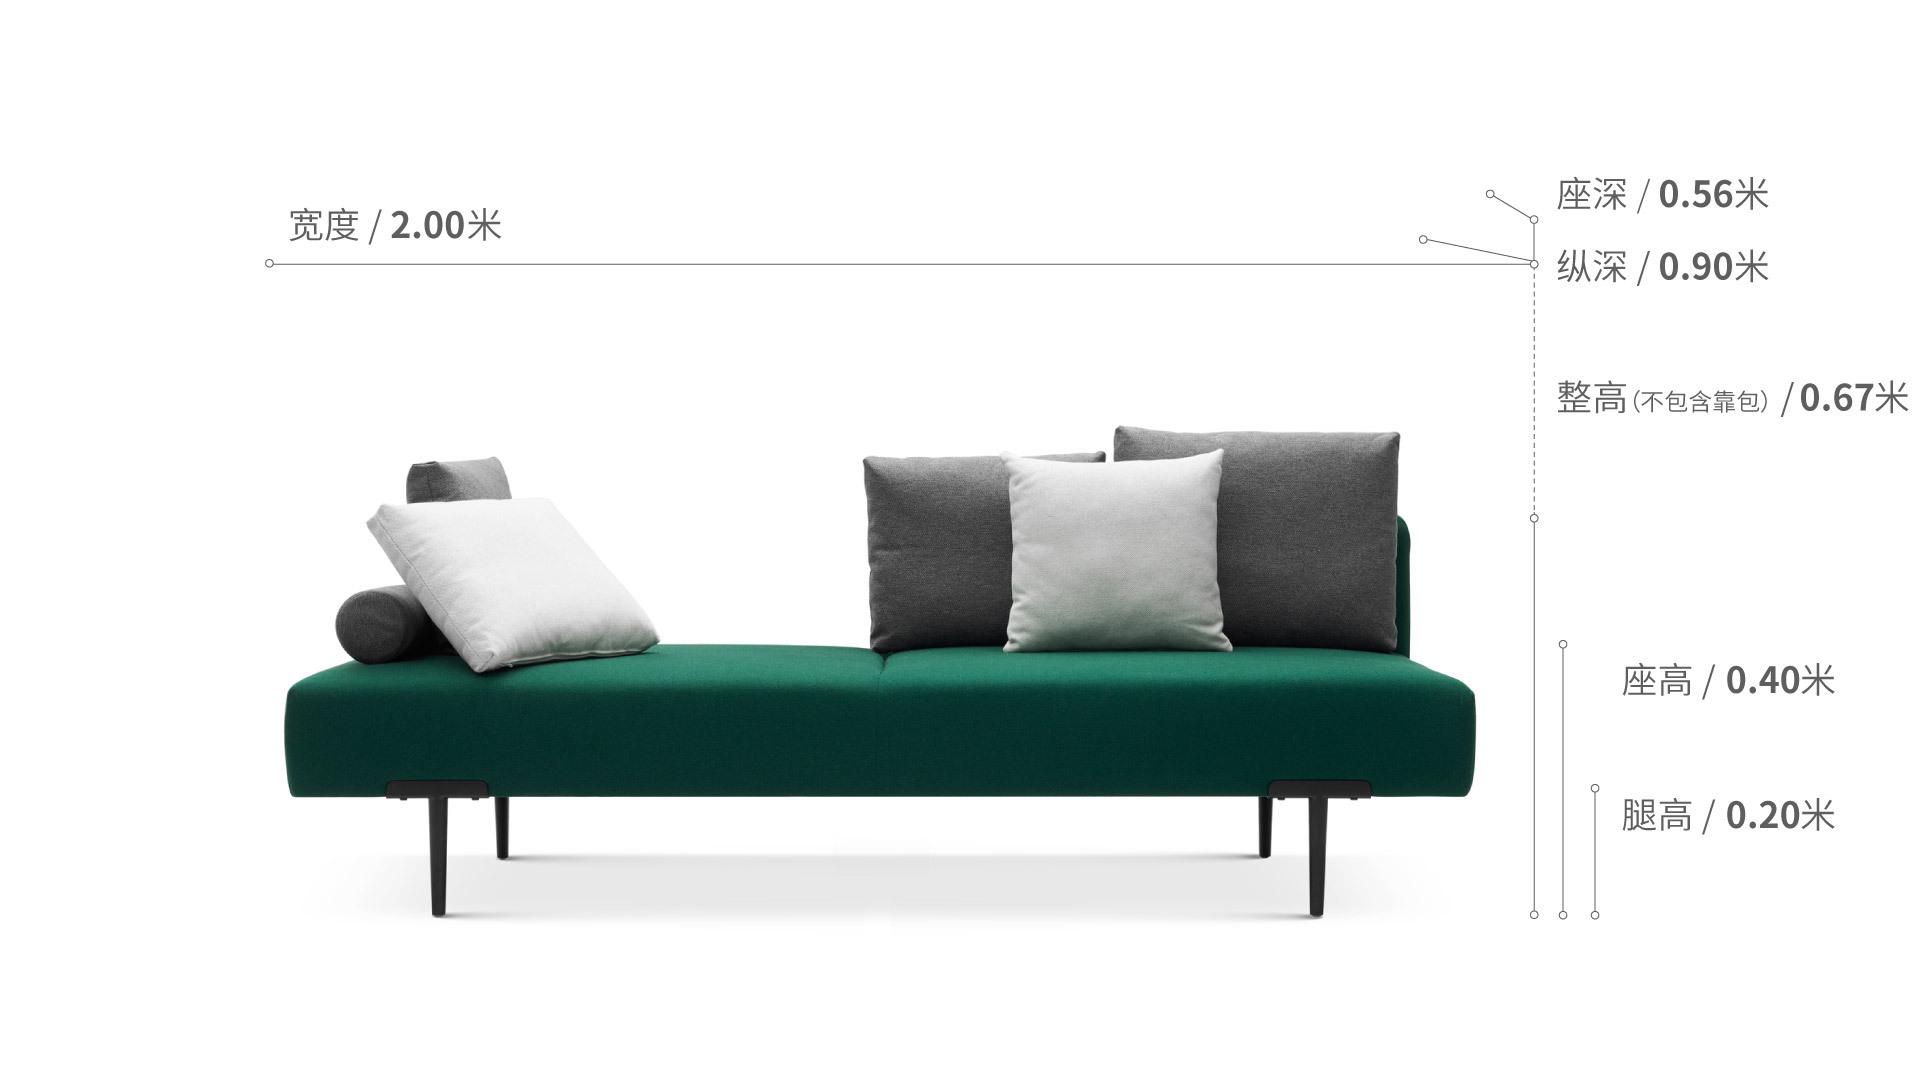 Sofa T三人座右靠背沙发效果图